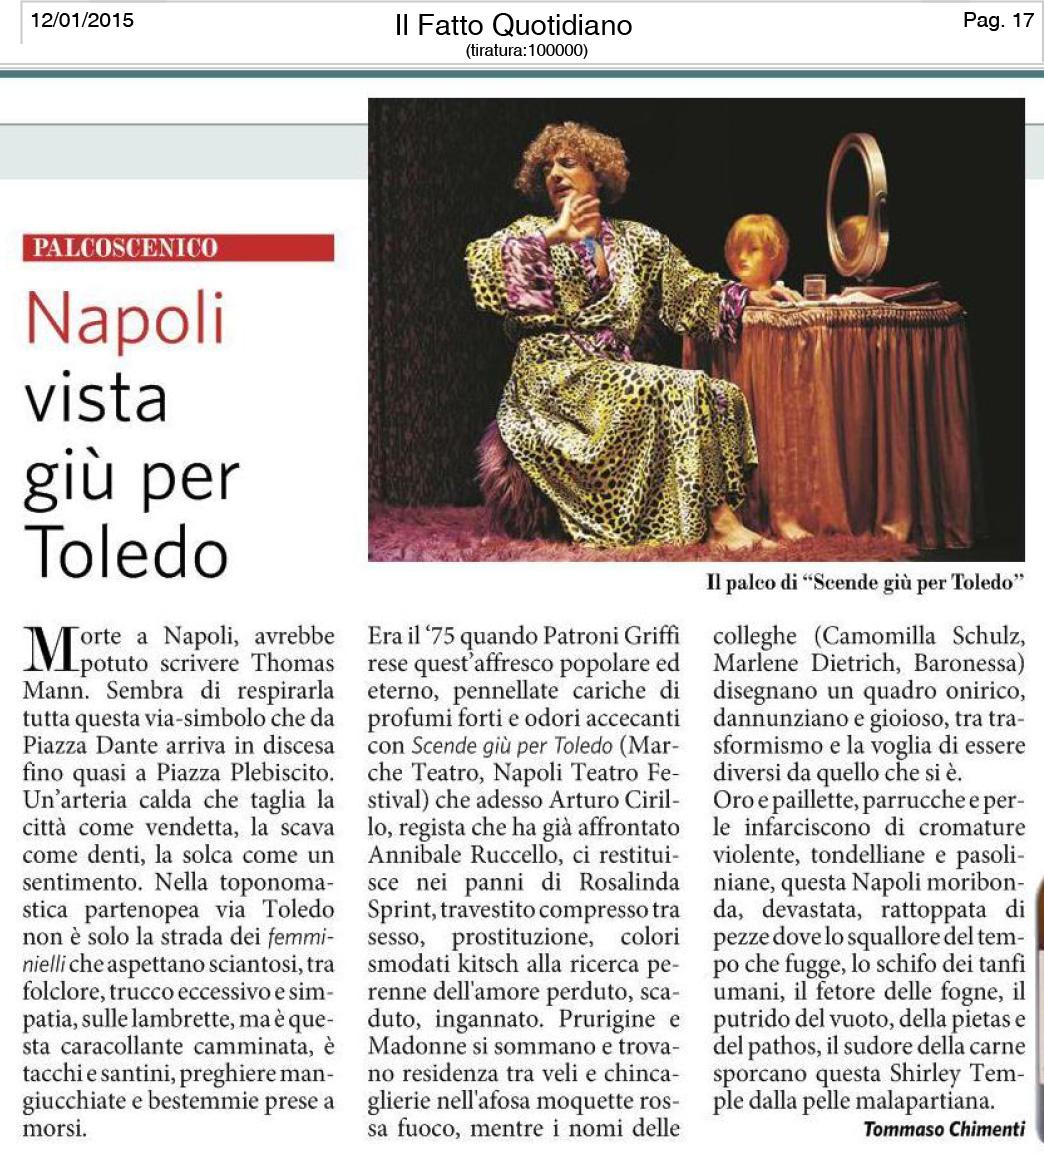 2015.01.12 Napoli vista giu per Toledo - Il Fatto Quotidiano